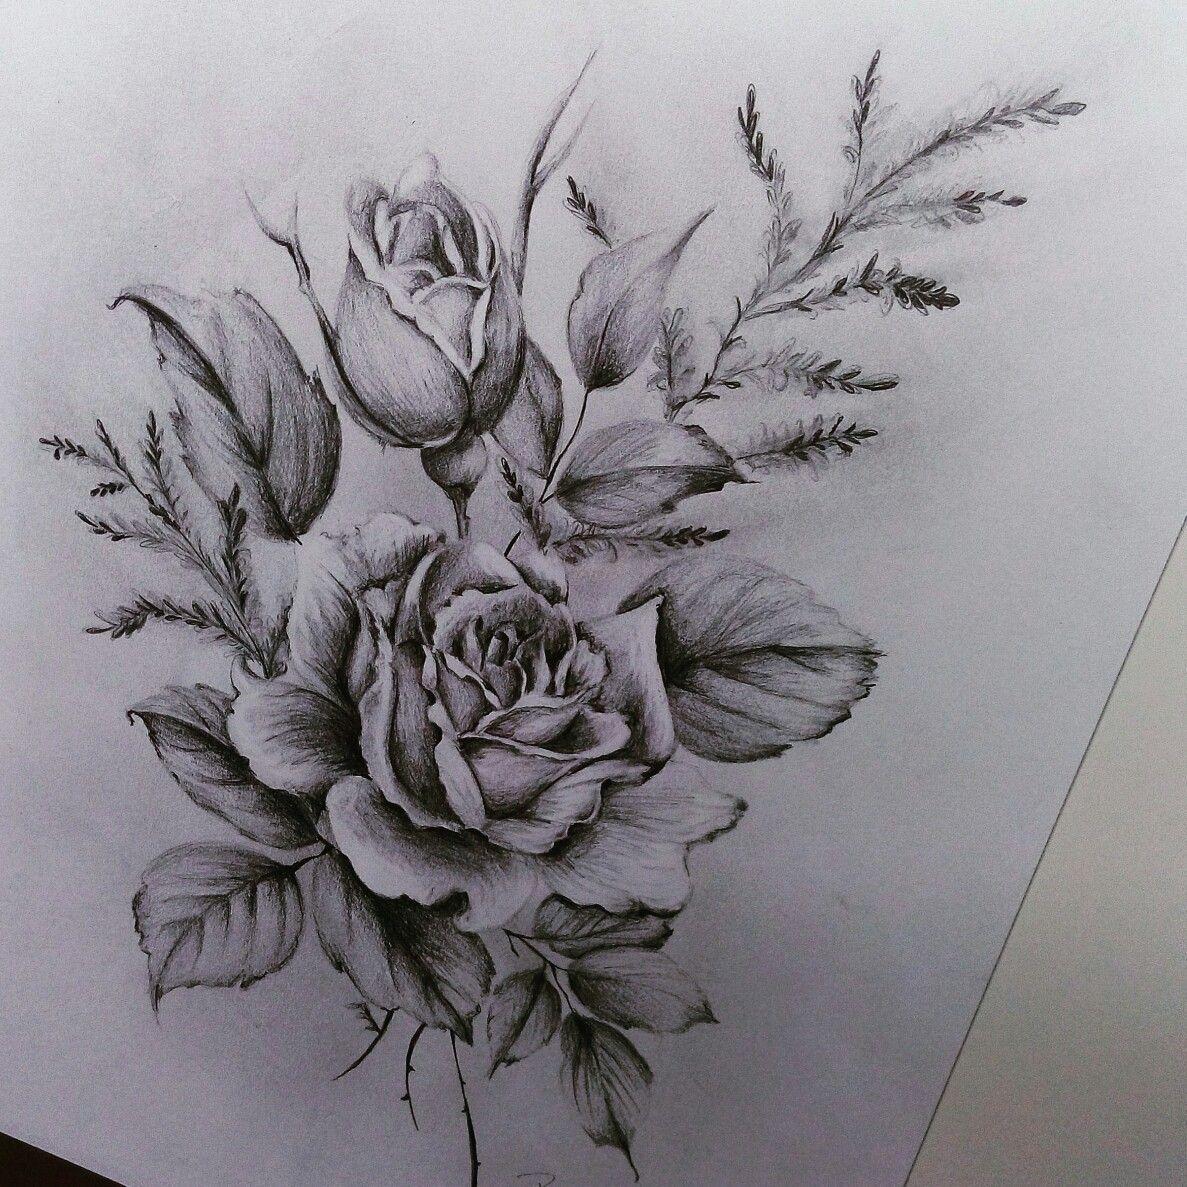 Rose - Zeichnung - Bleistift - Art - Blumen | Rose Zeichnung in Blume Zeichnung Bleistift